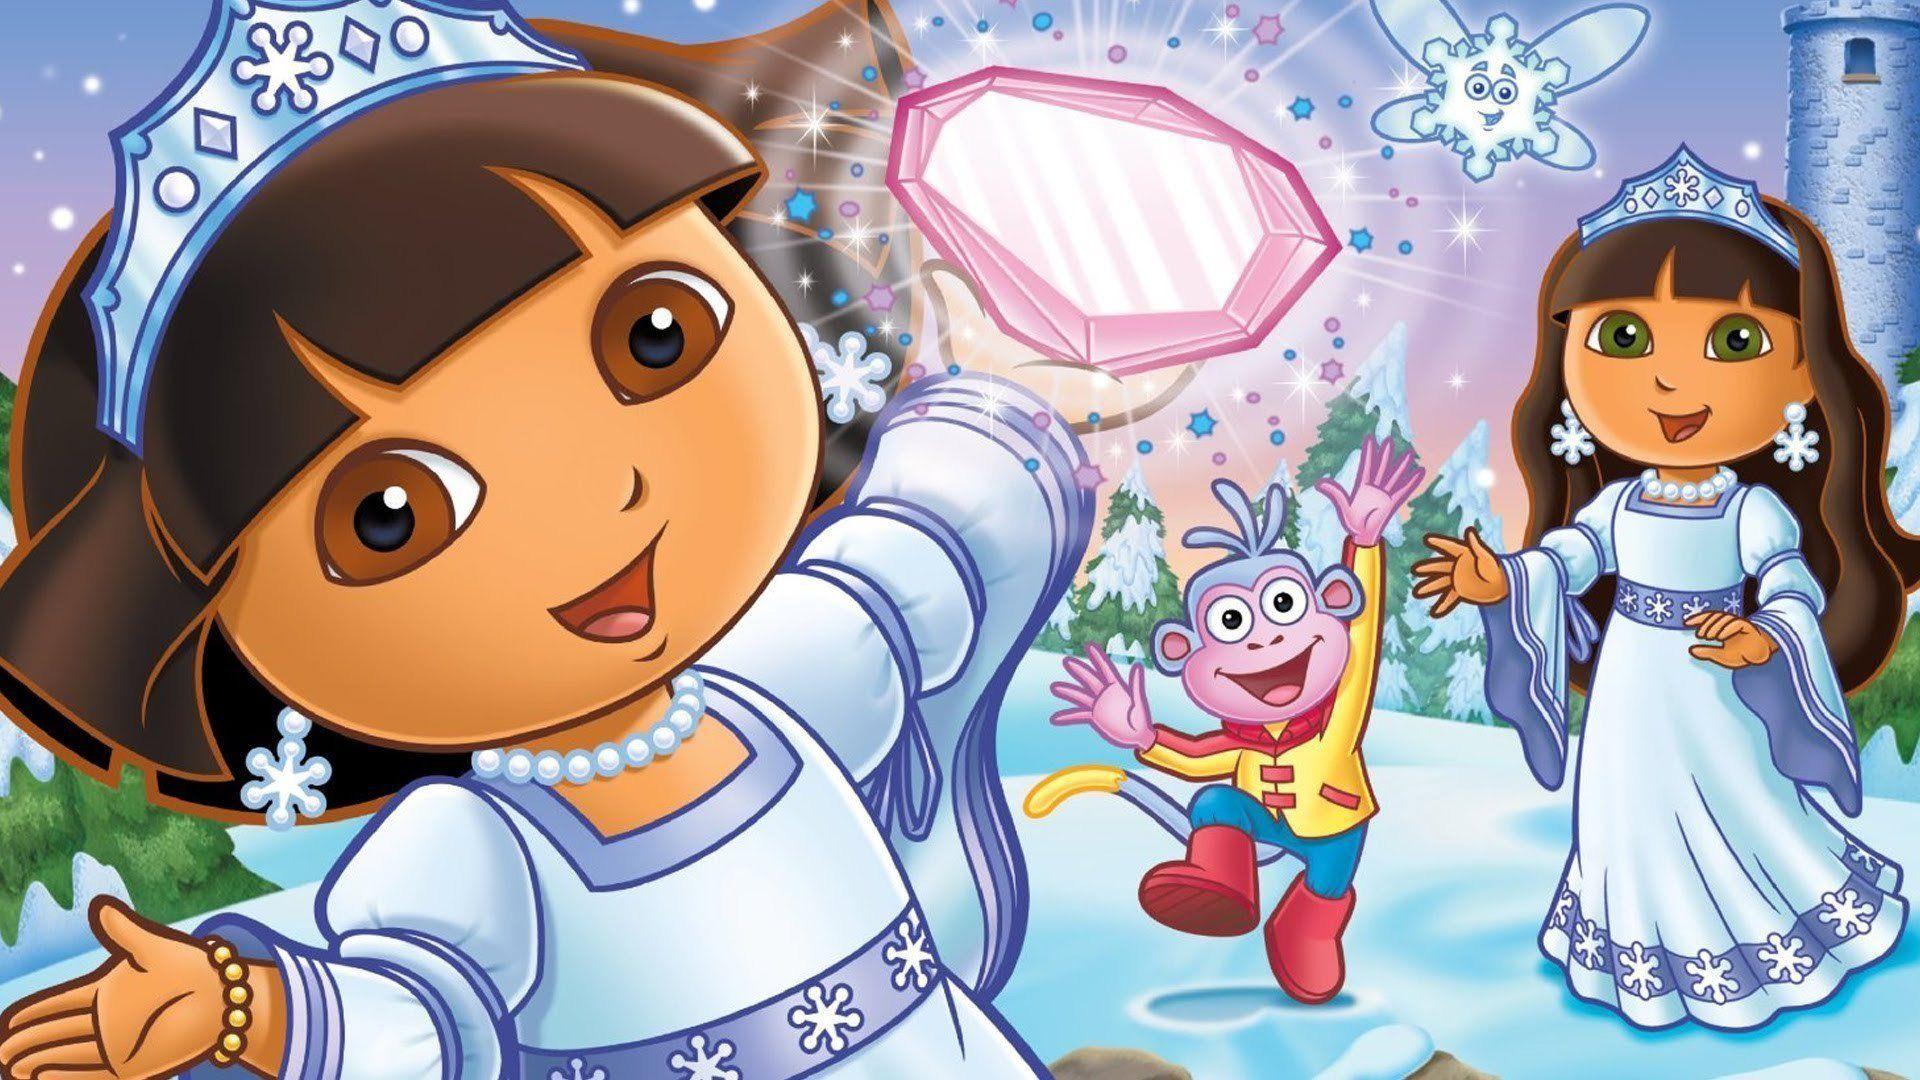 Dora image